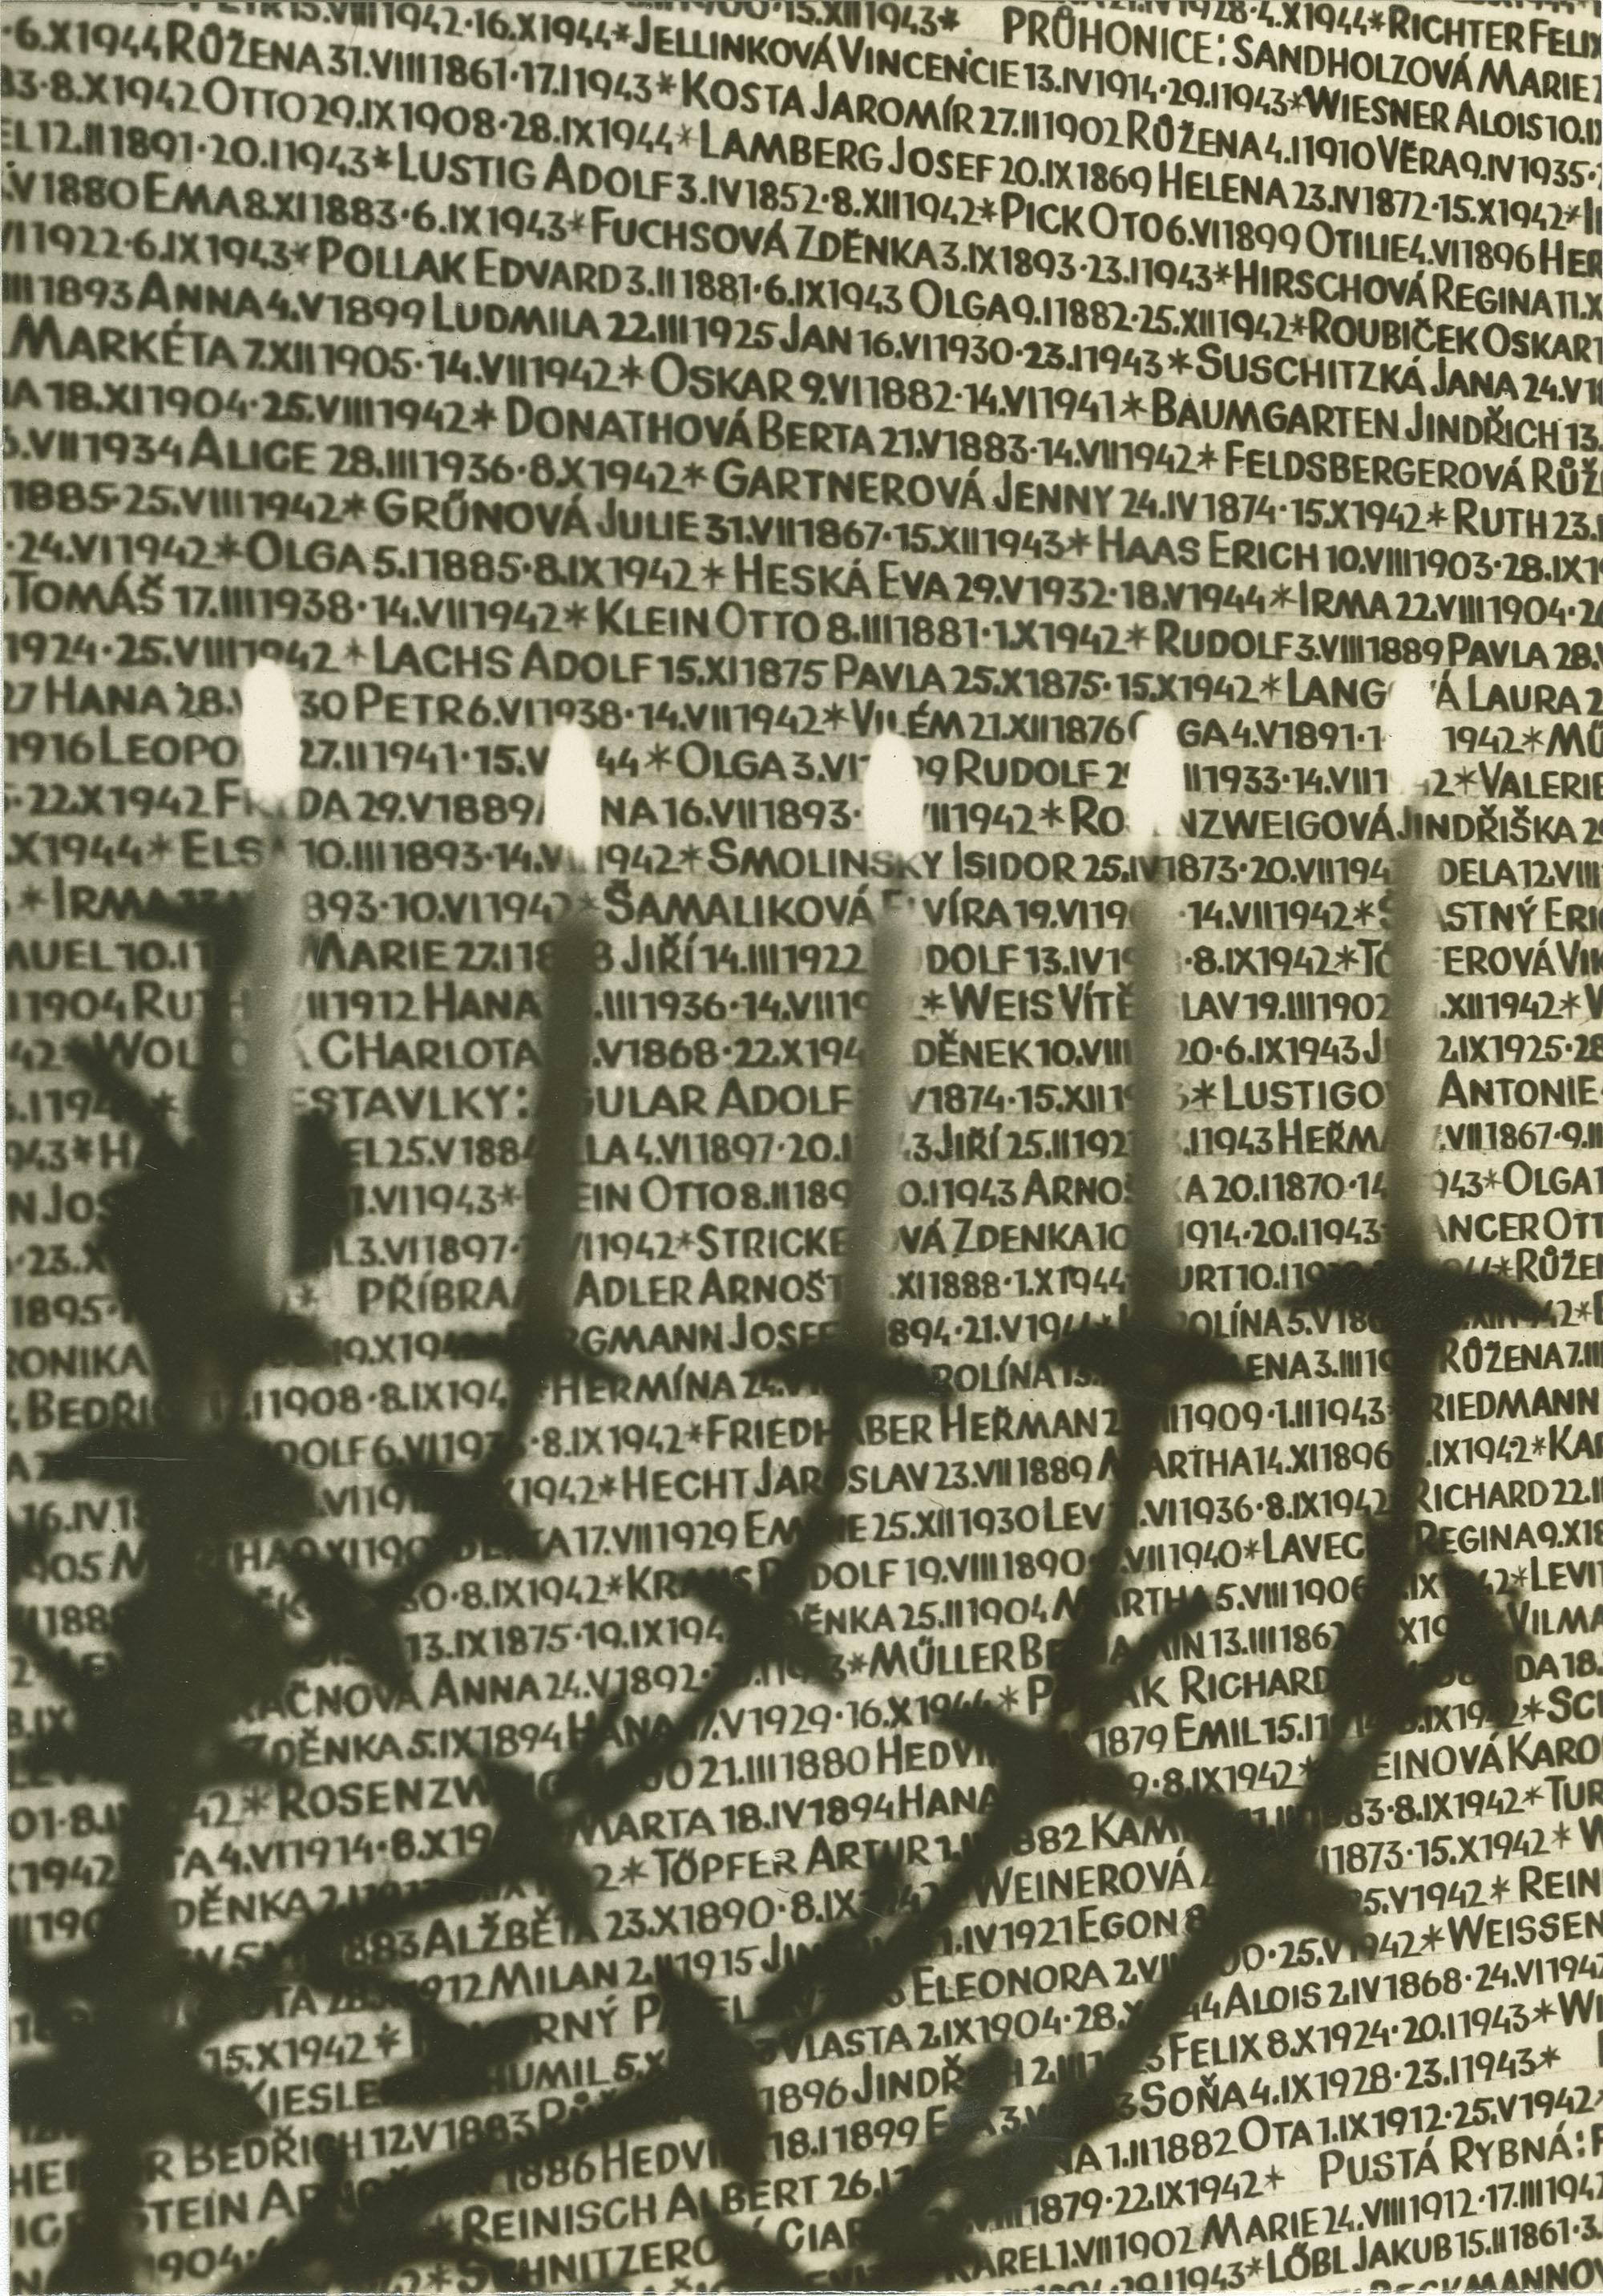 Praha. Pinkasova synagoga - Památník 77.297 obětí nacistického pronásledování.